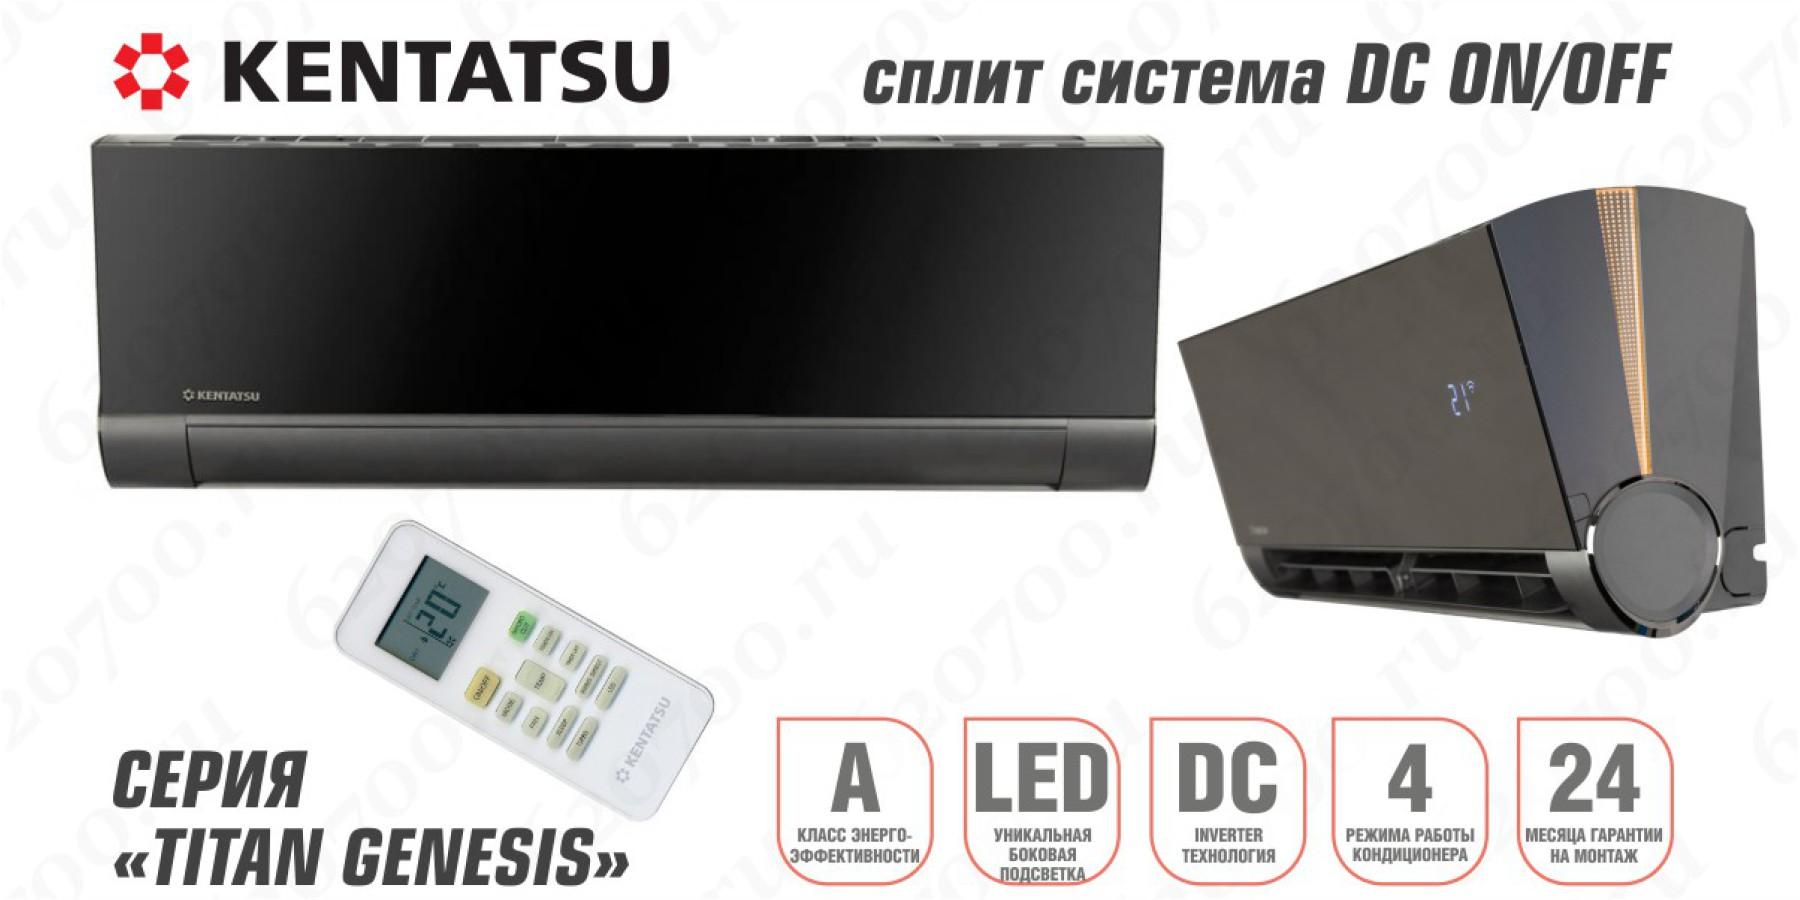 Сплит-система KENTATSU KSGX53HFAN1 / KSRX53HFAN1 цвет чёрный